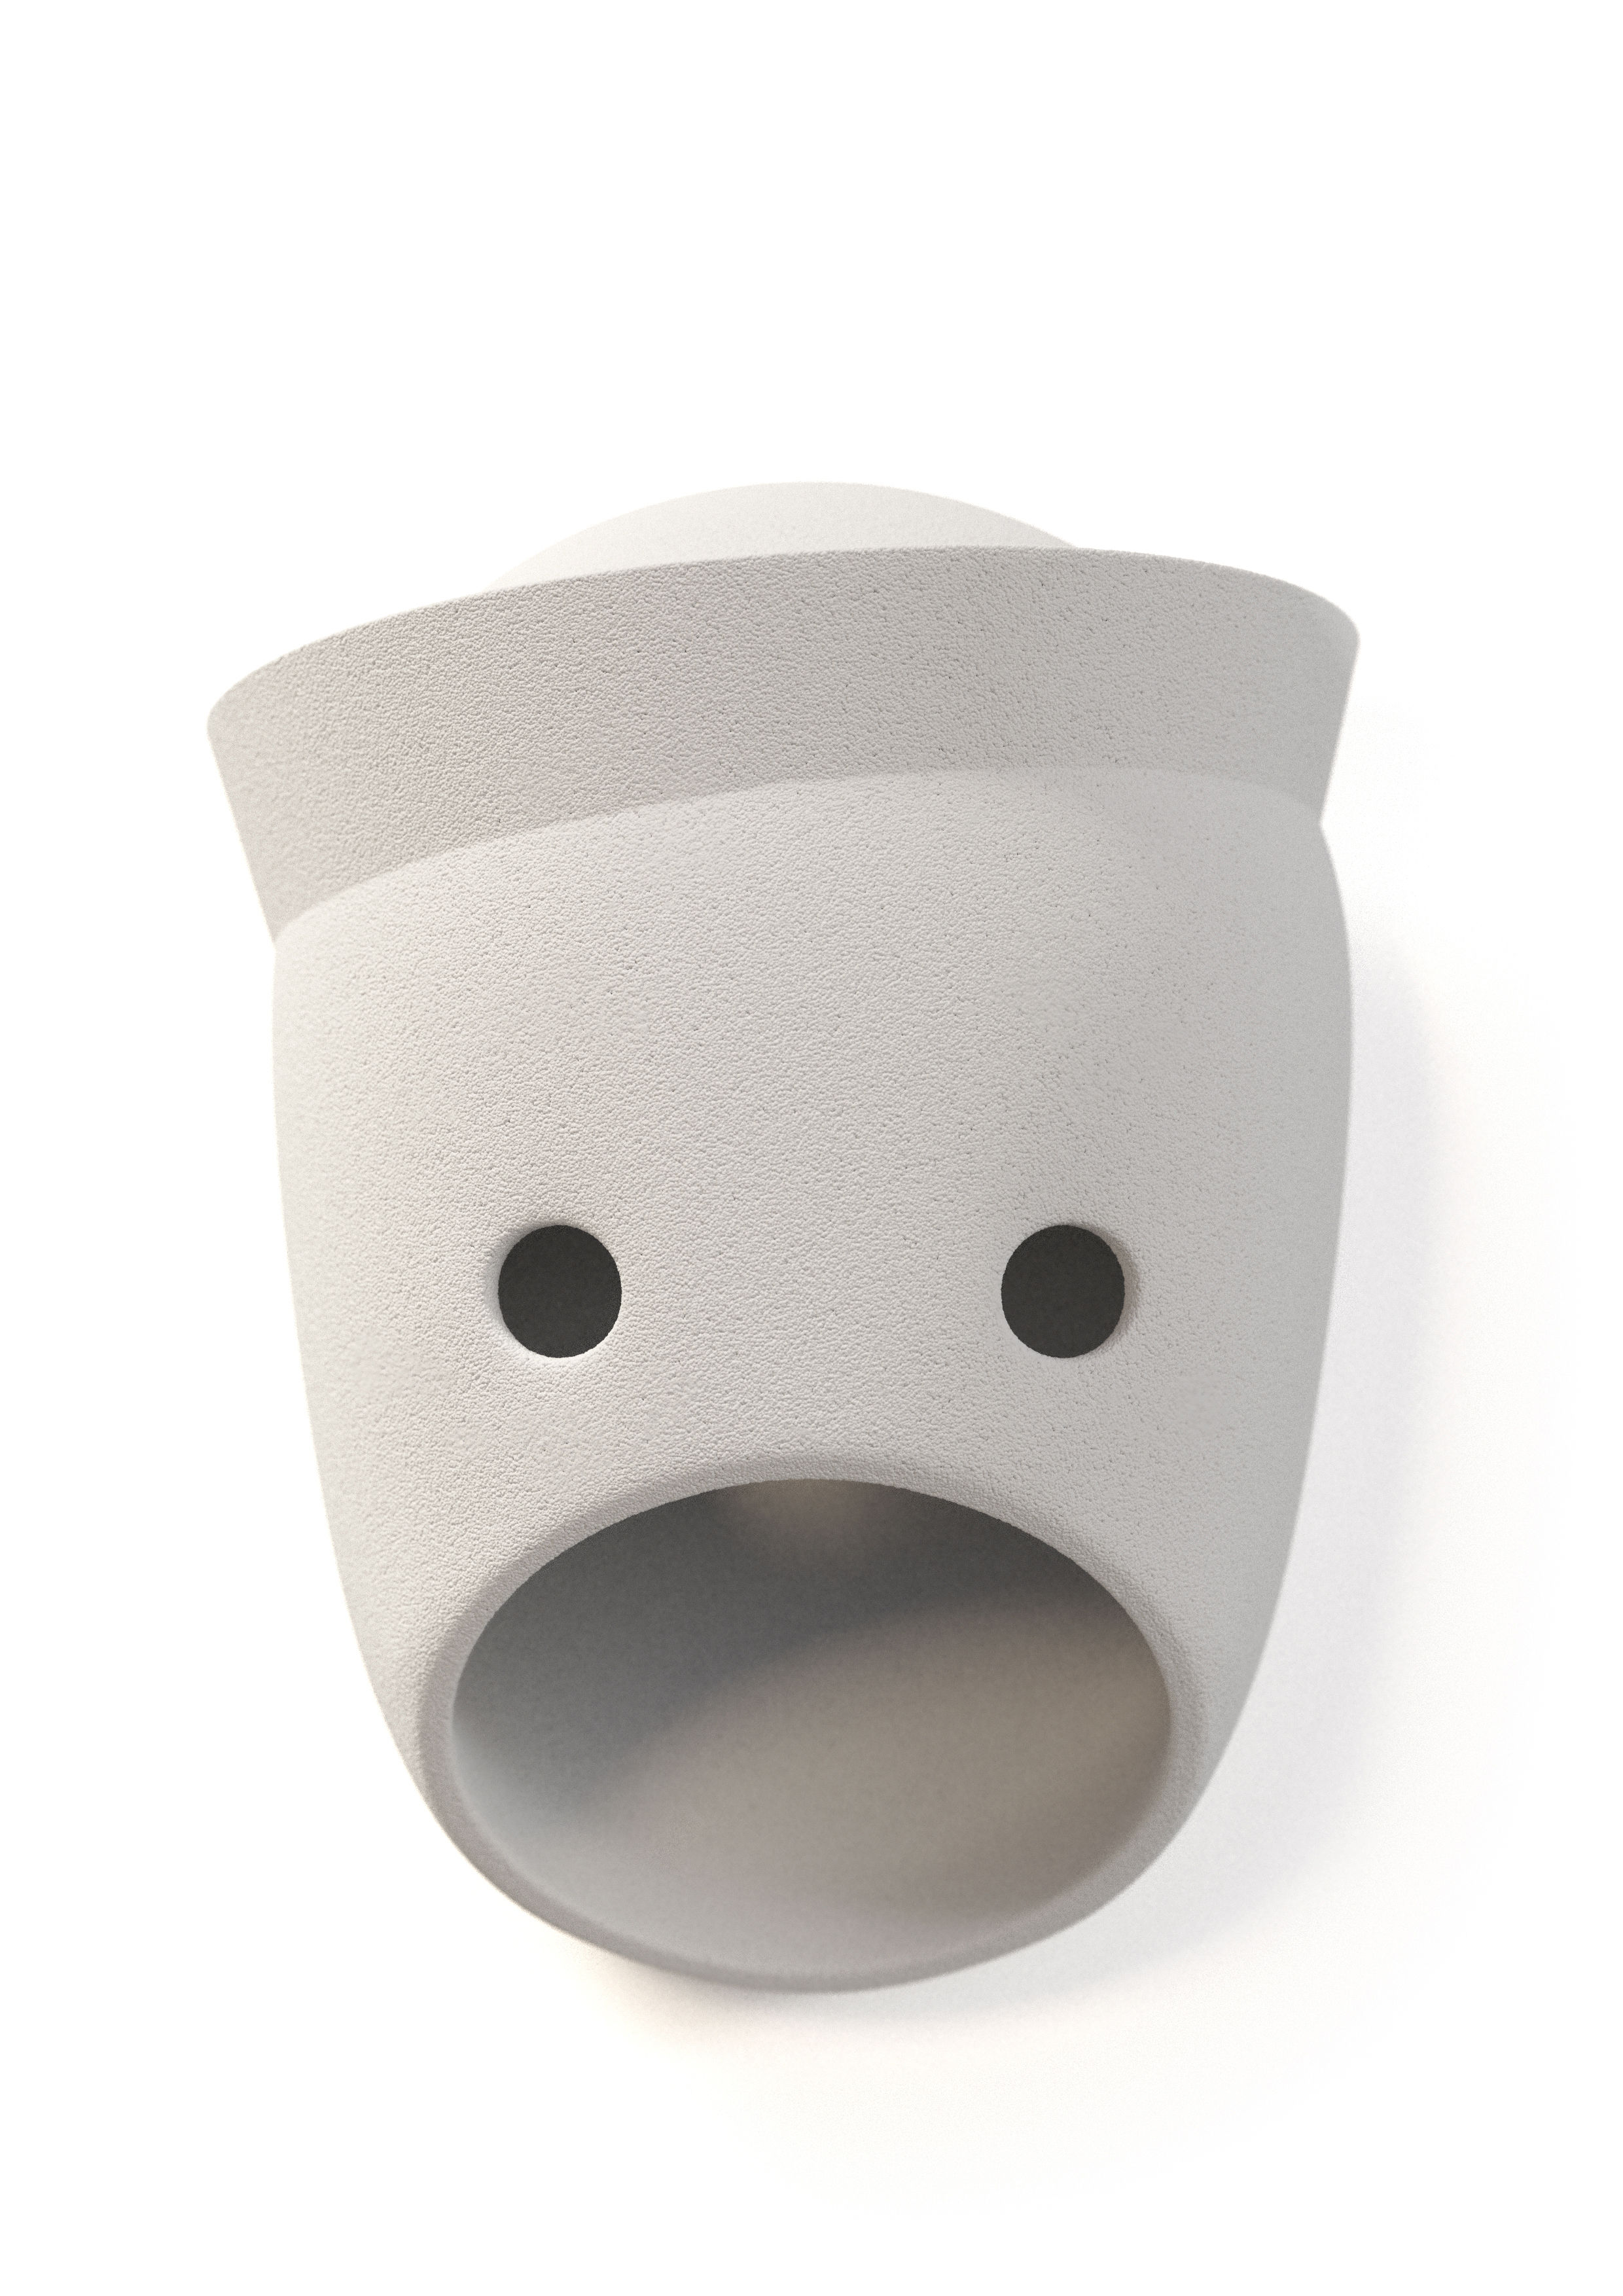 Luminaire - Appliques - Applique The Party Glenn / LED - Céramique - Moooi - Glenn / Blanc - Céramique